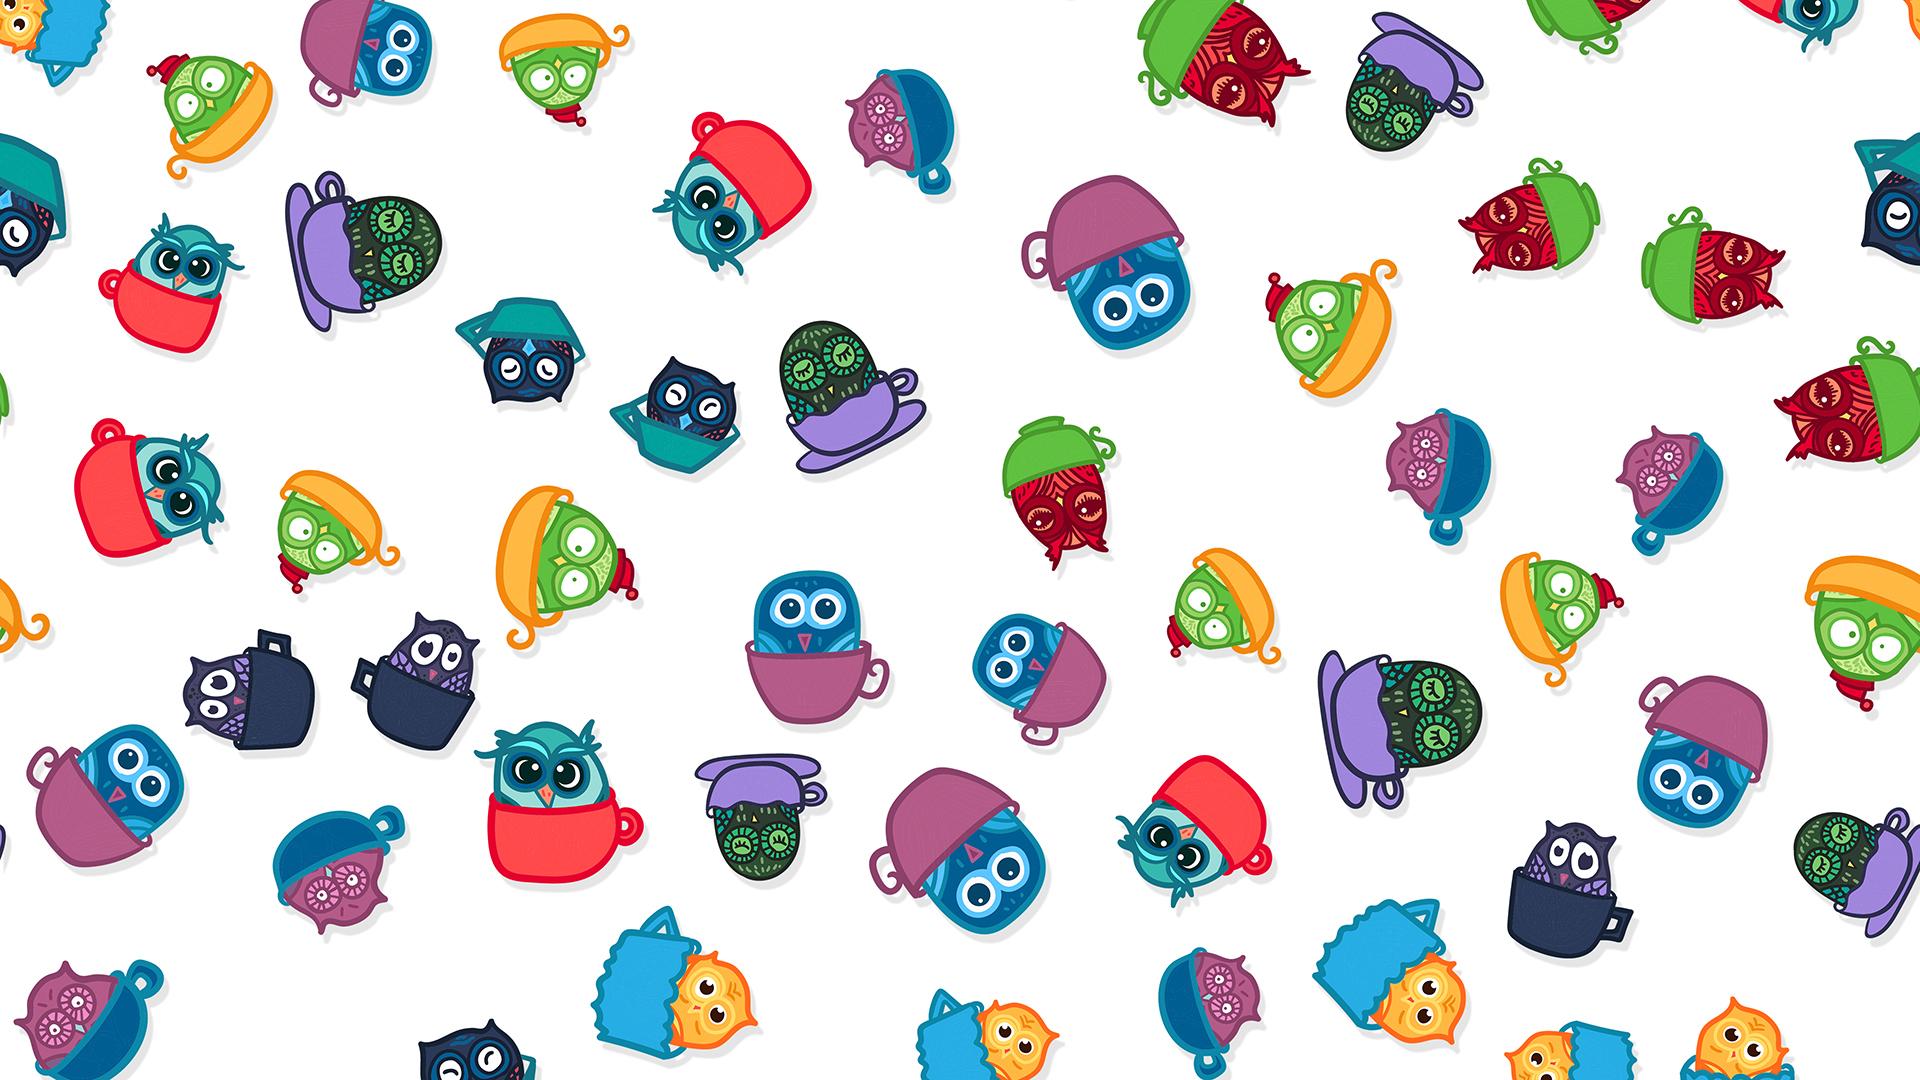 4k Funny Owls Wallpaper Hd